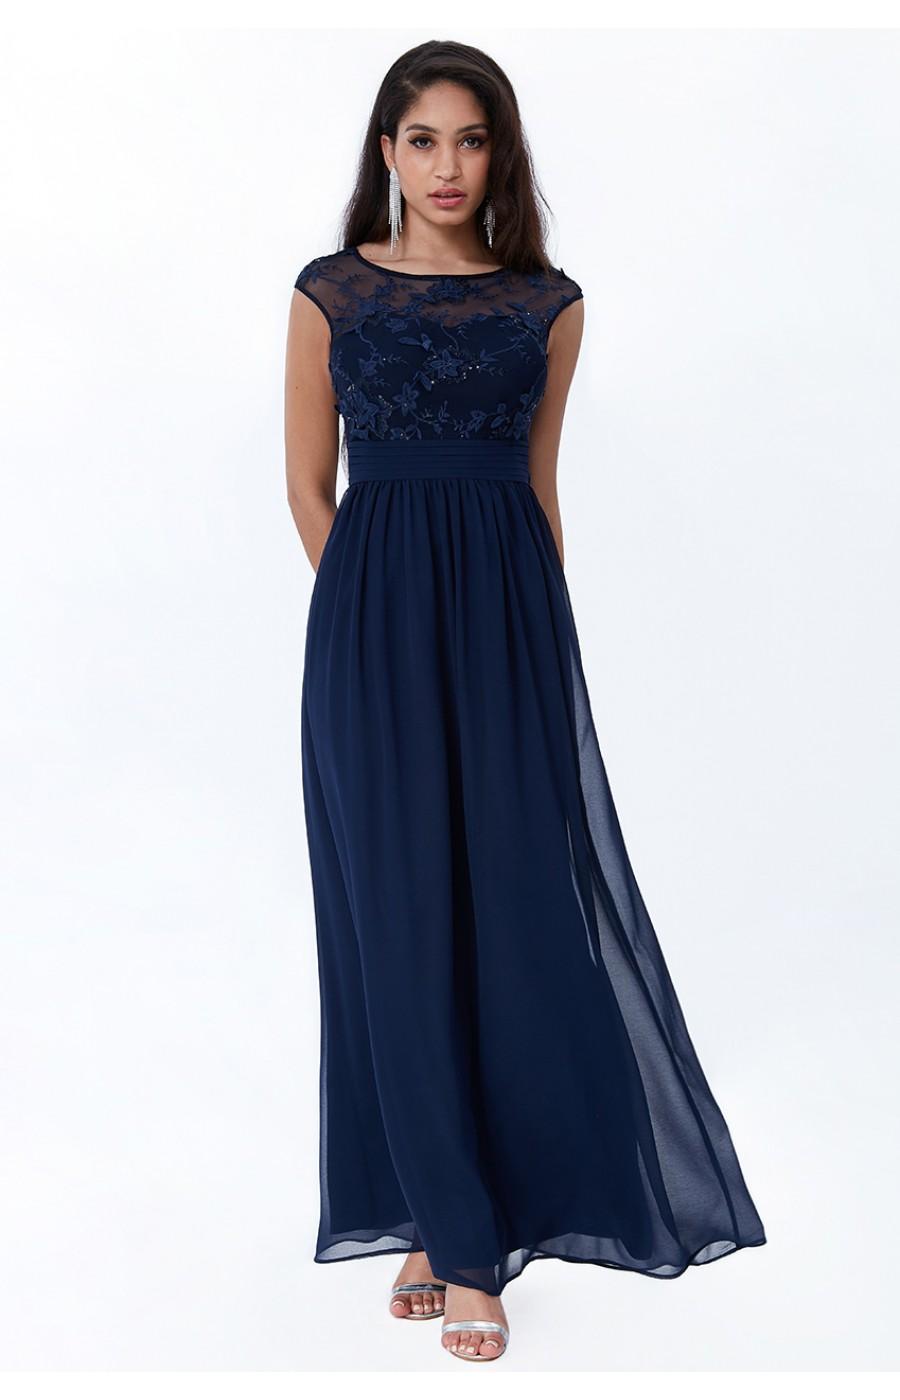 Μακρύ σιφόν μπλε σκούρο φόρεμα με απλικέ λουλούδια